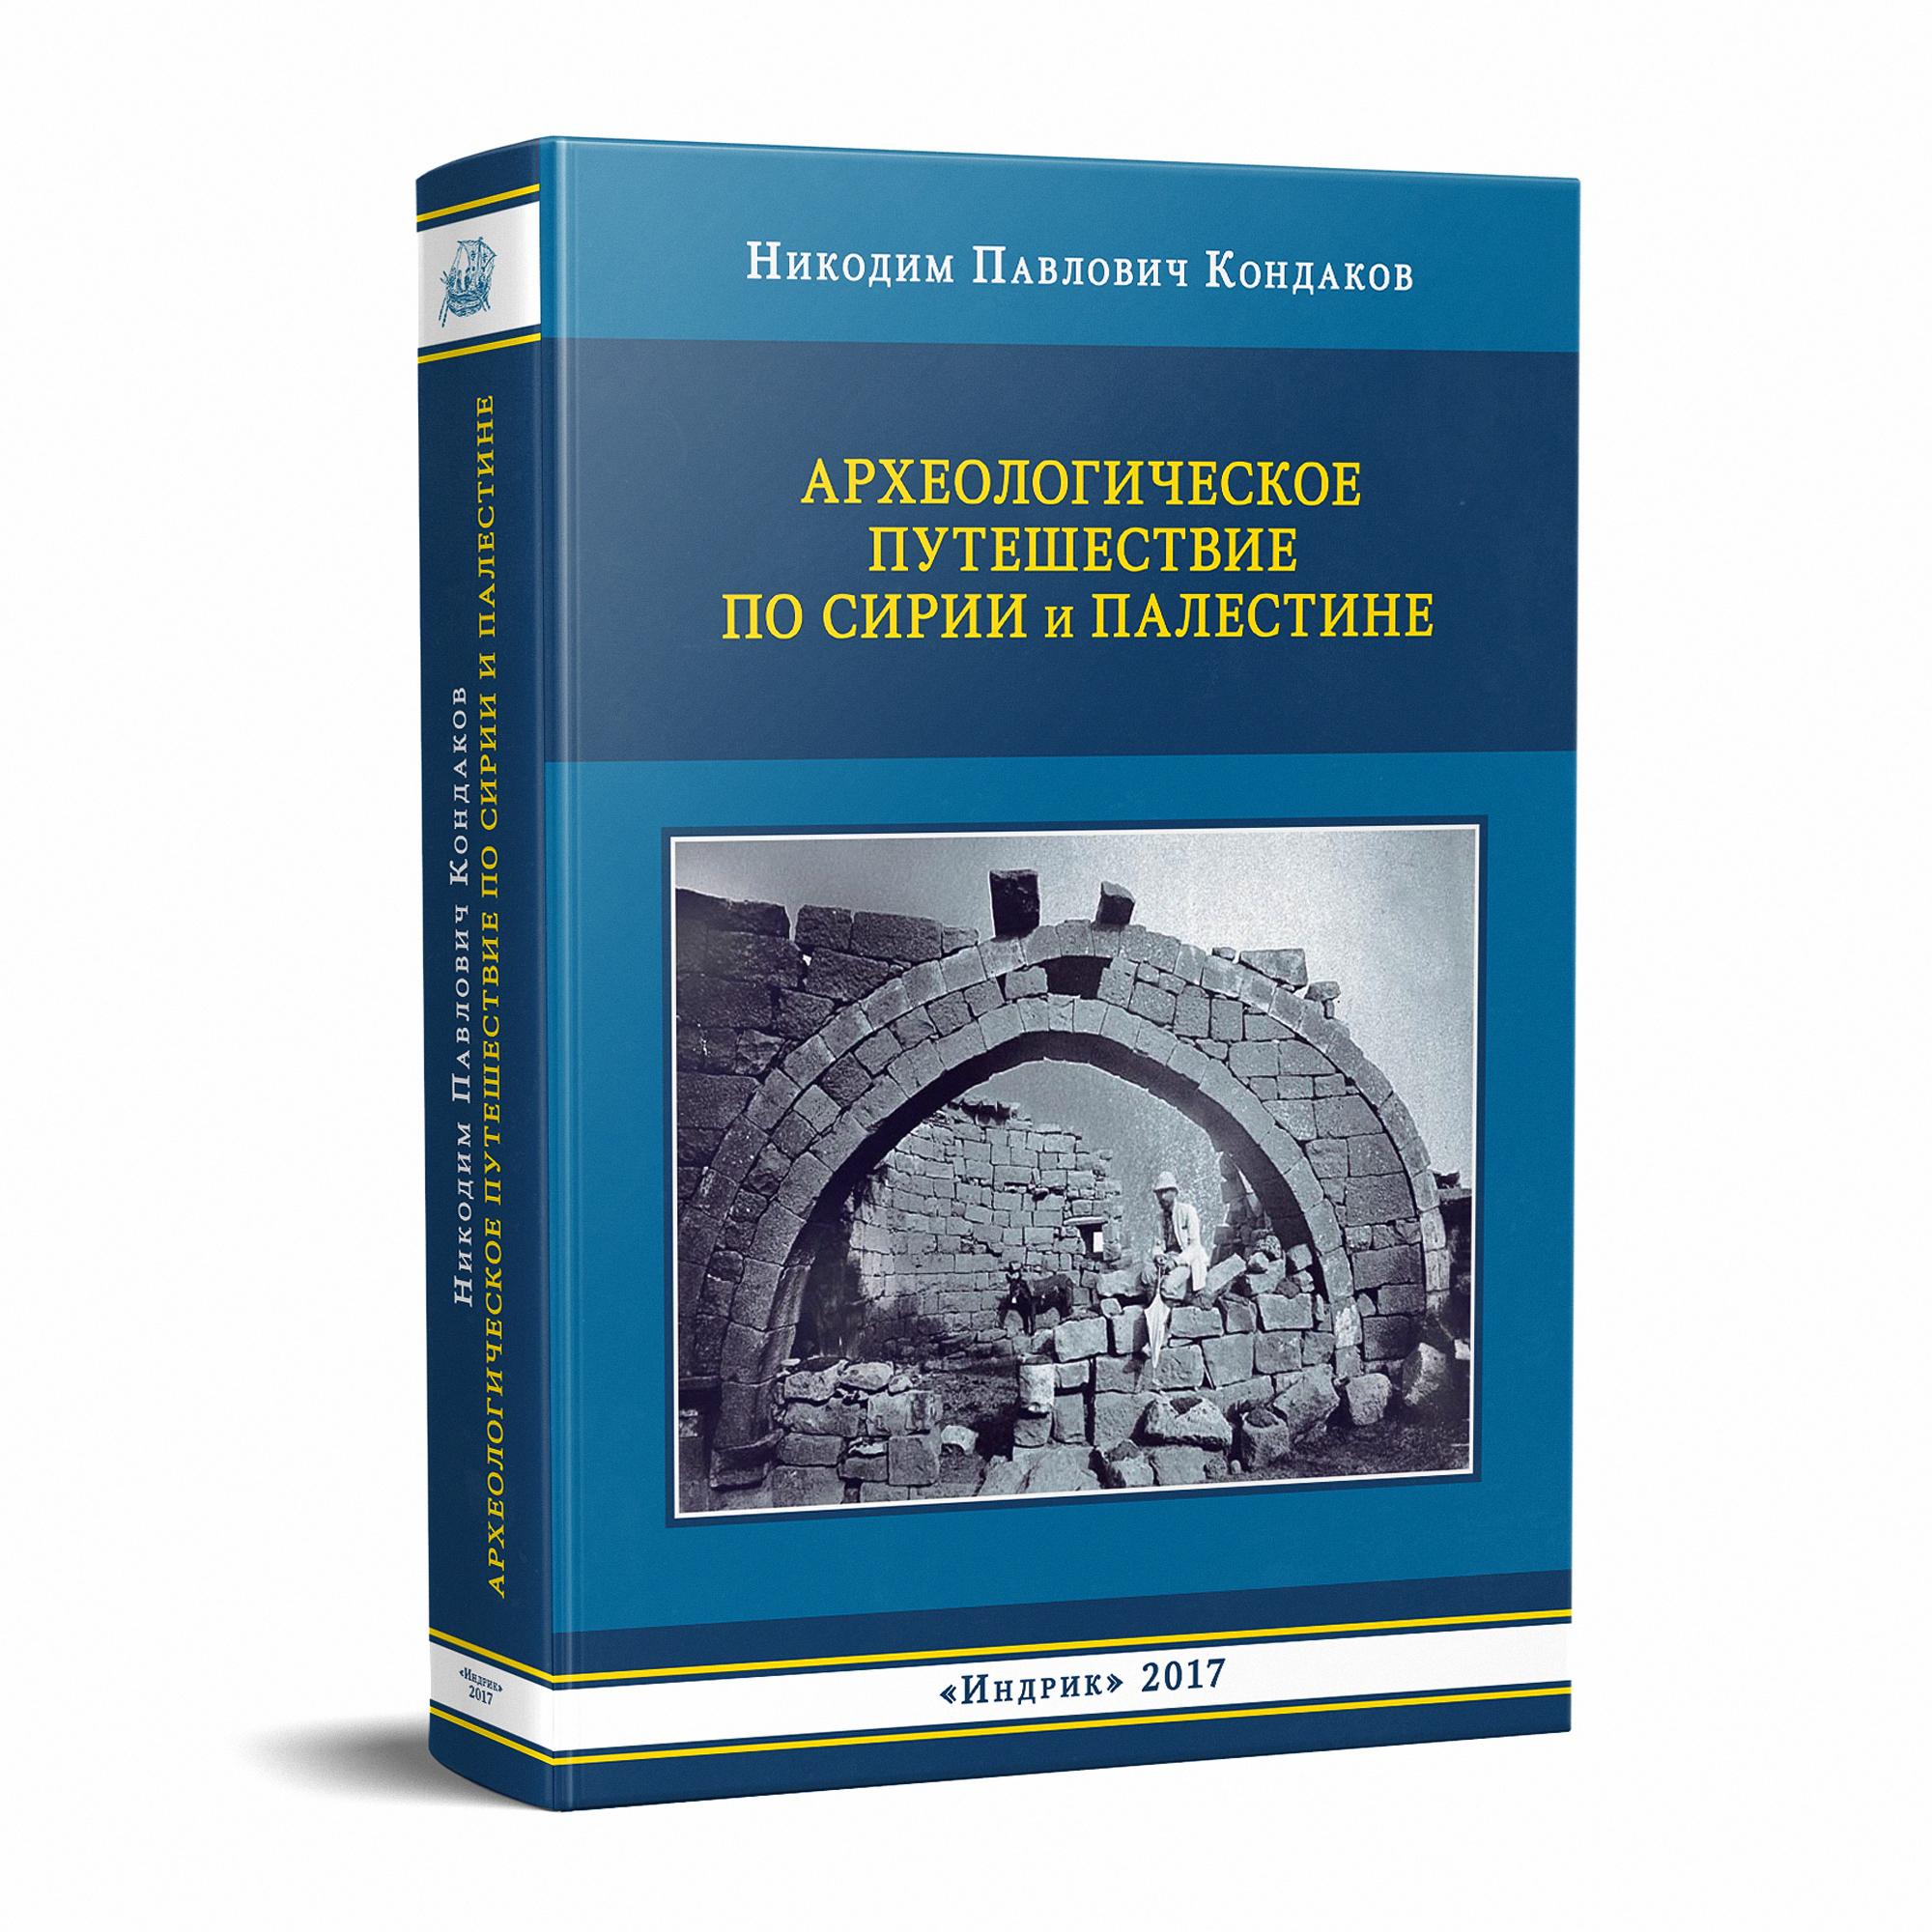 Кондаков Н.П. Археологическое путешествие по Сирии и Палестине.